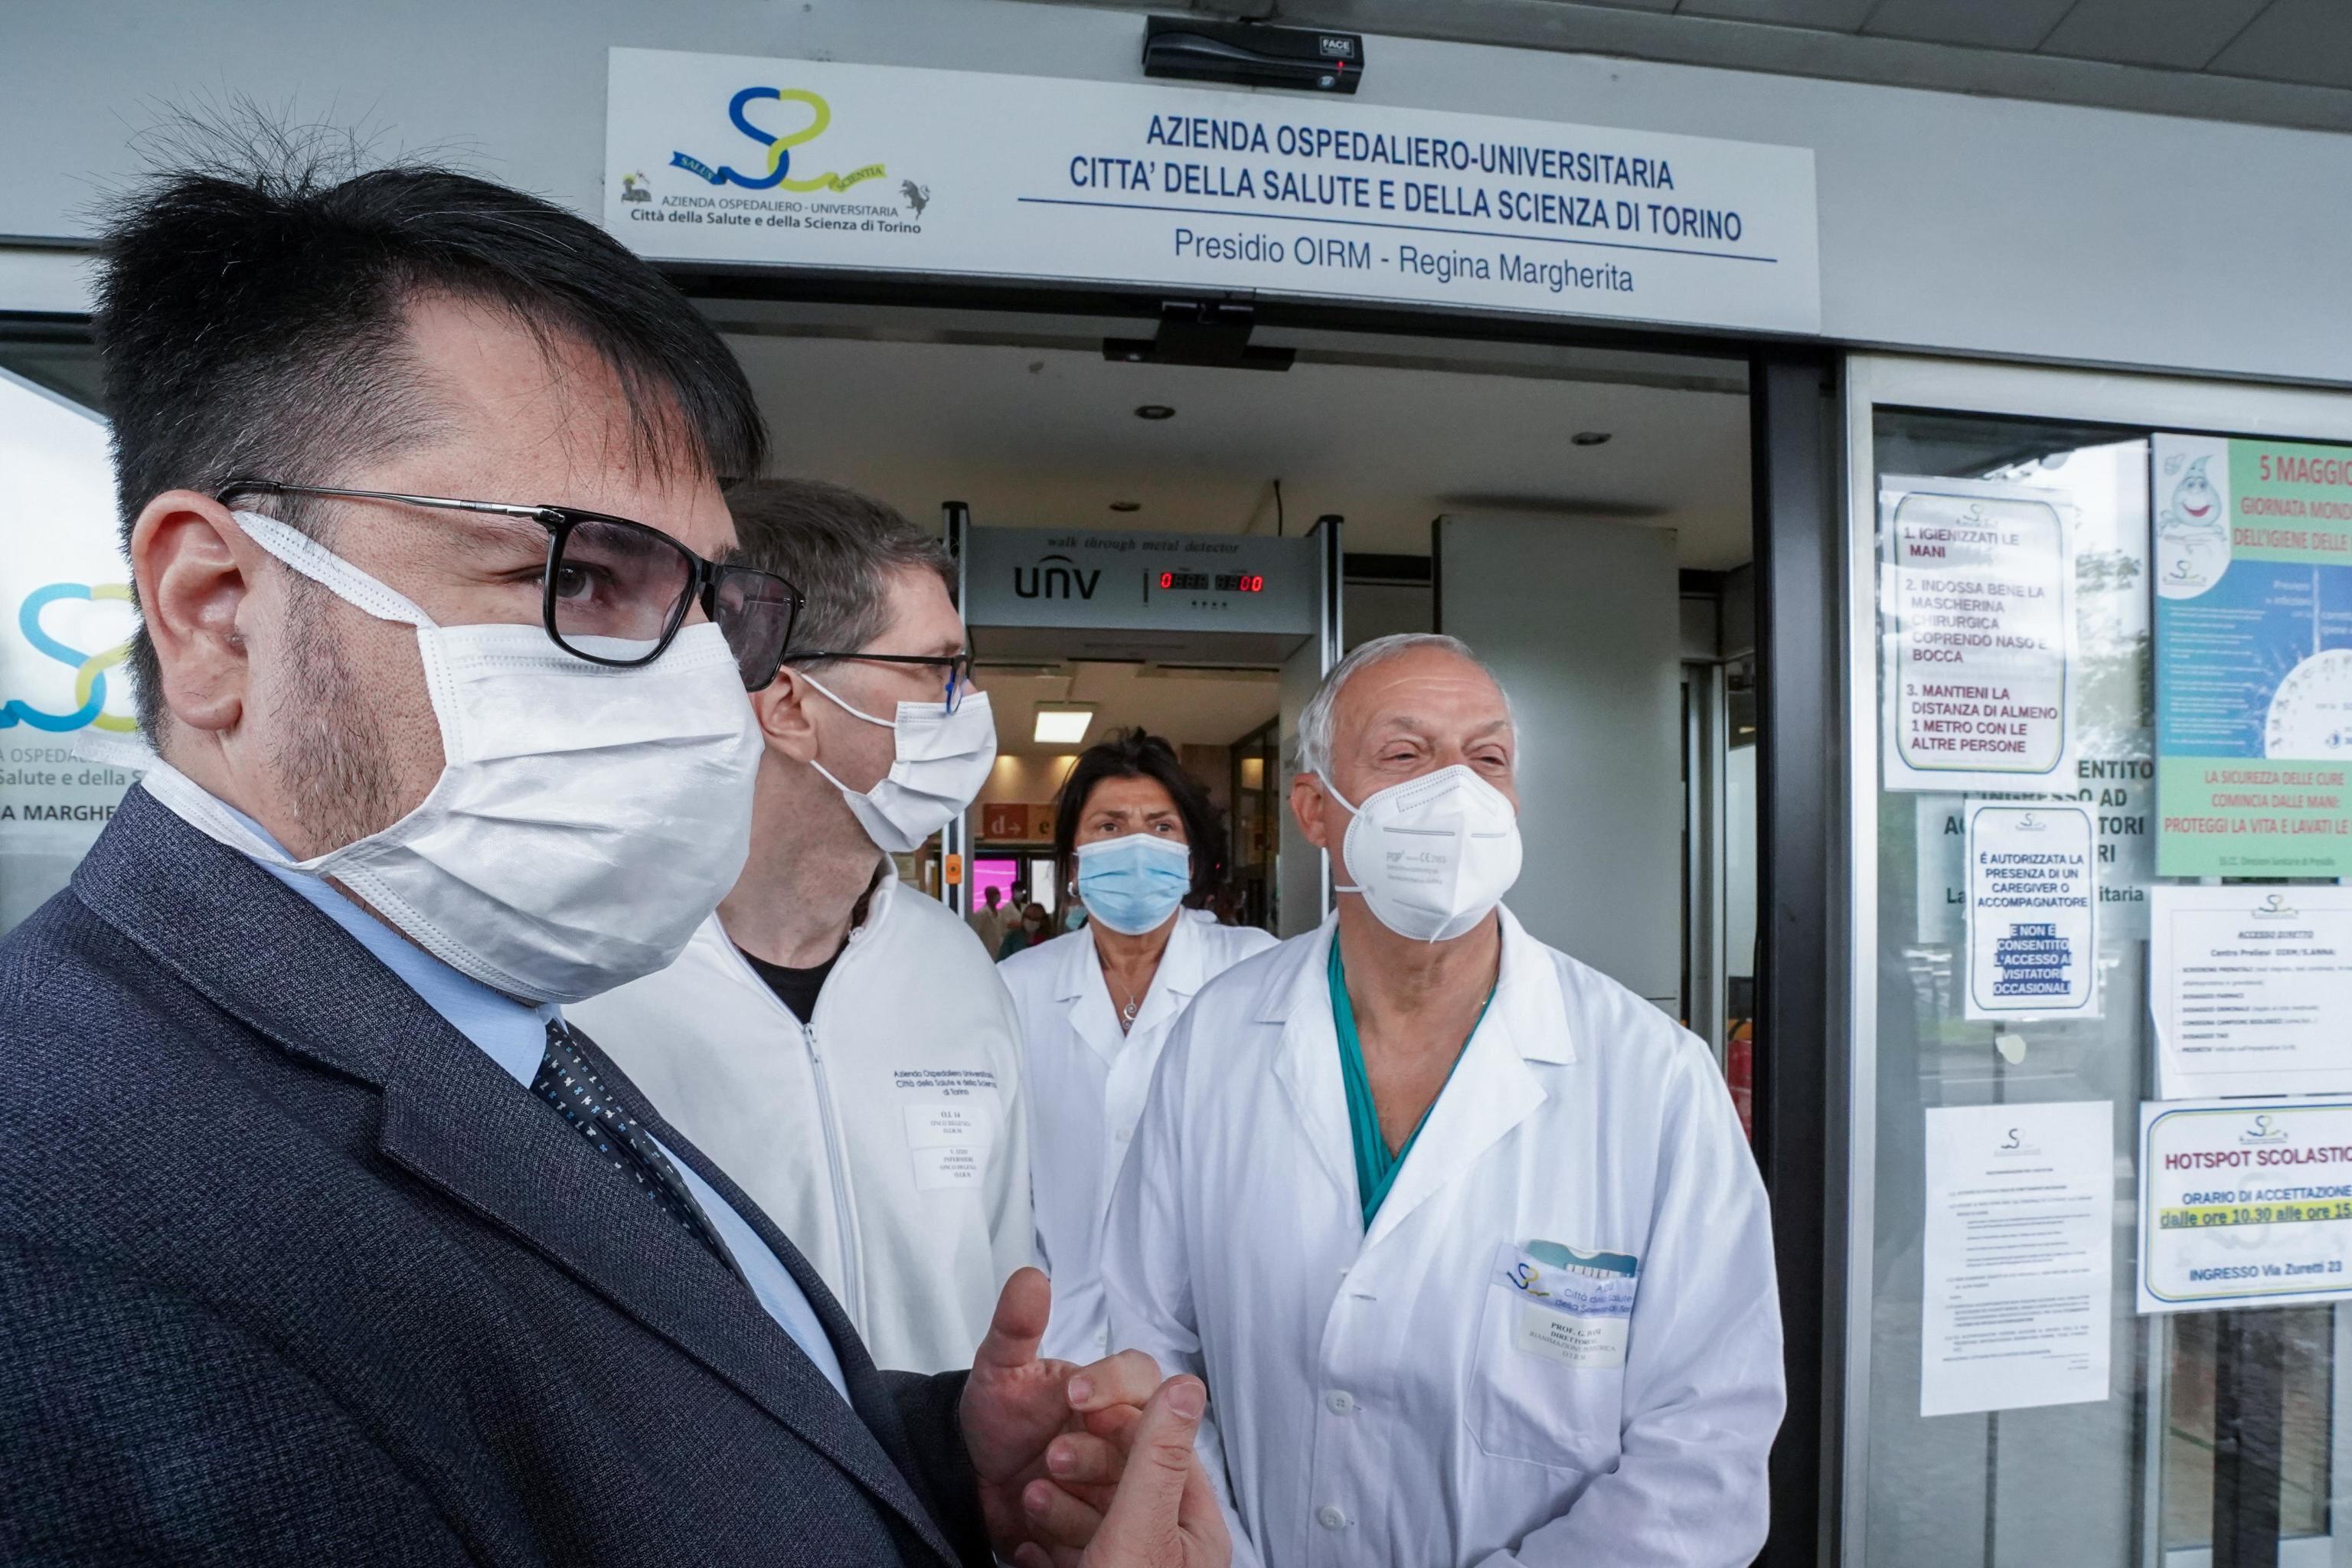 Seilbahn-Unglück in Italien: Verdächtige gestehen offenbar Manipulation der Notbremsen